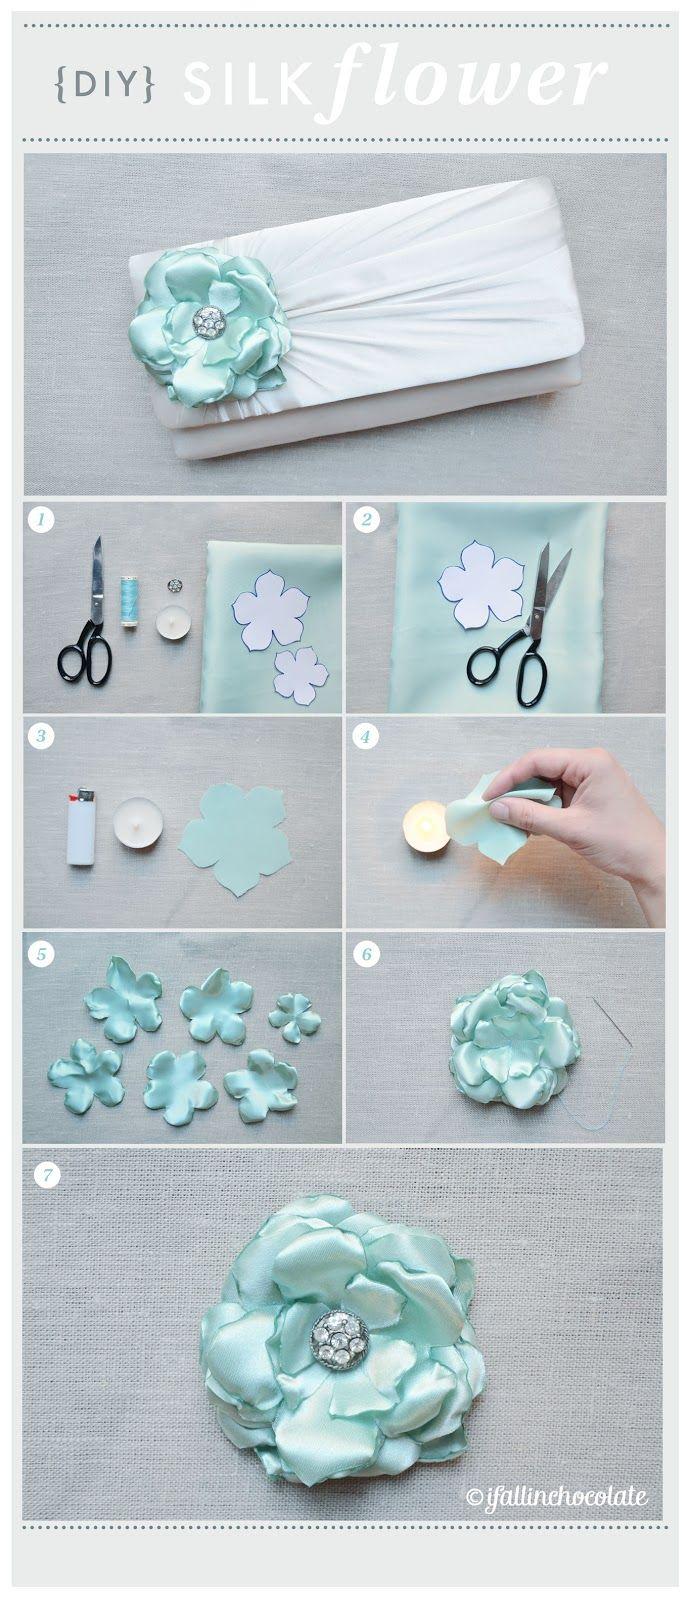 DIY SILK FLOWER Instructions in Italian, but the photos are easy to understand./ DIY Flor de seda el texto está en italiano, pero las fotos son muy buenas y alcanzan para guiarse.